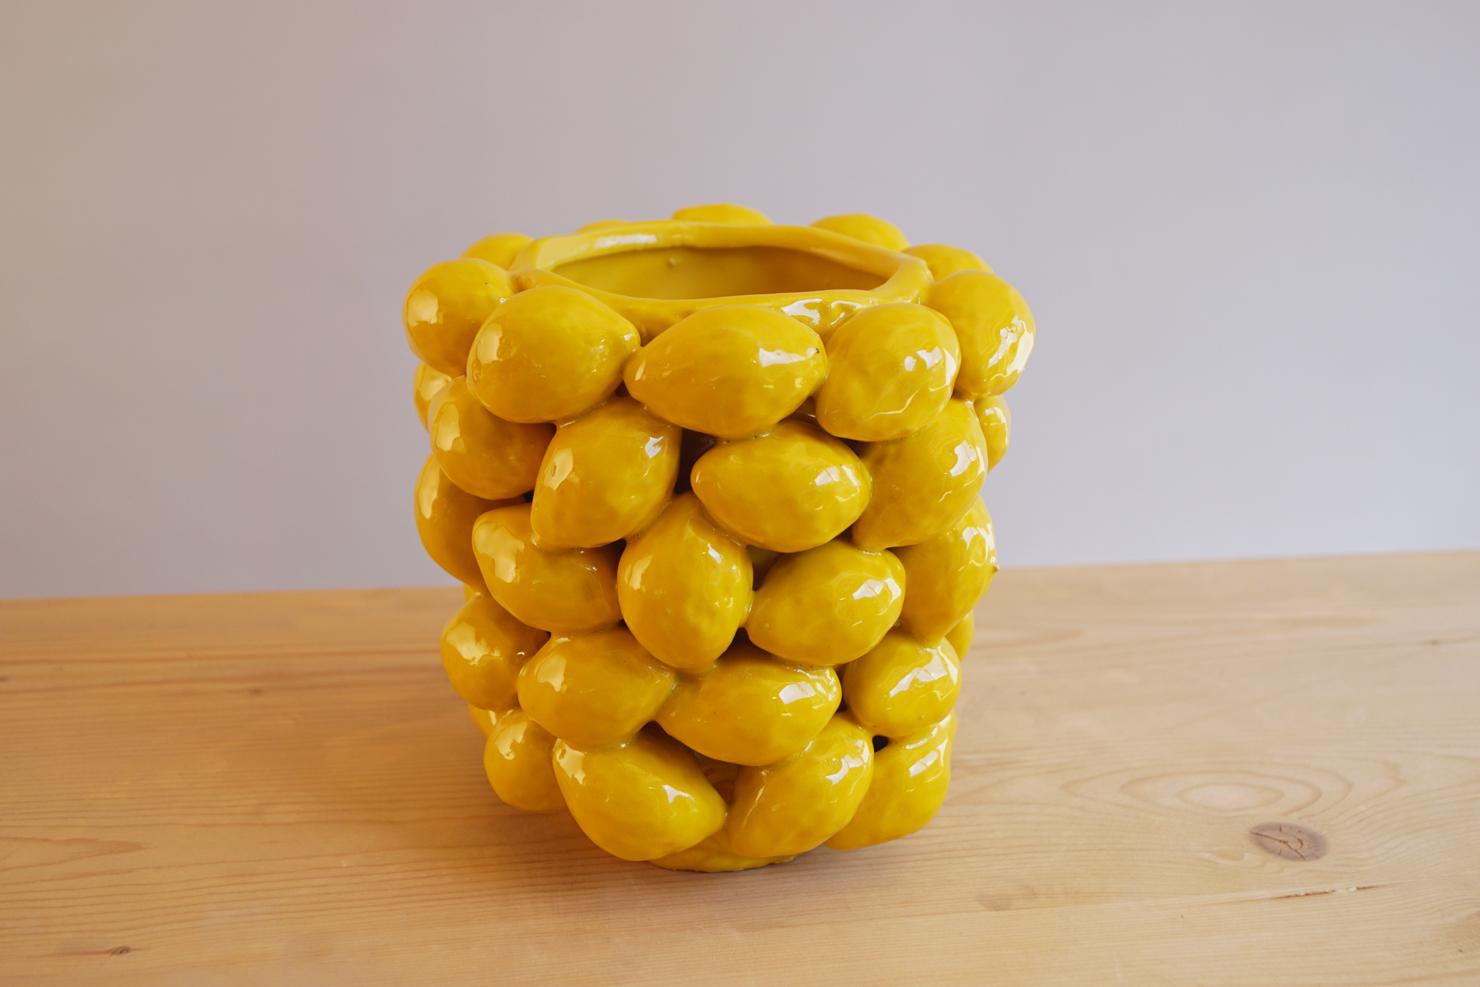 De citroenvaas of citroenpot van Des Pots, verkrijgbaar bij Schreuder & Kraan in Zwanenburg